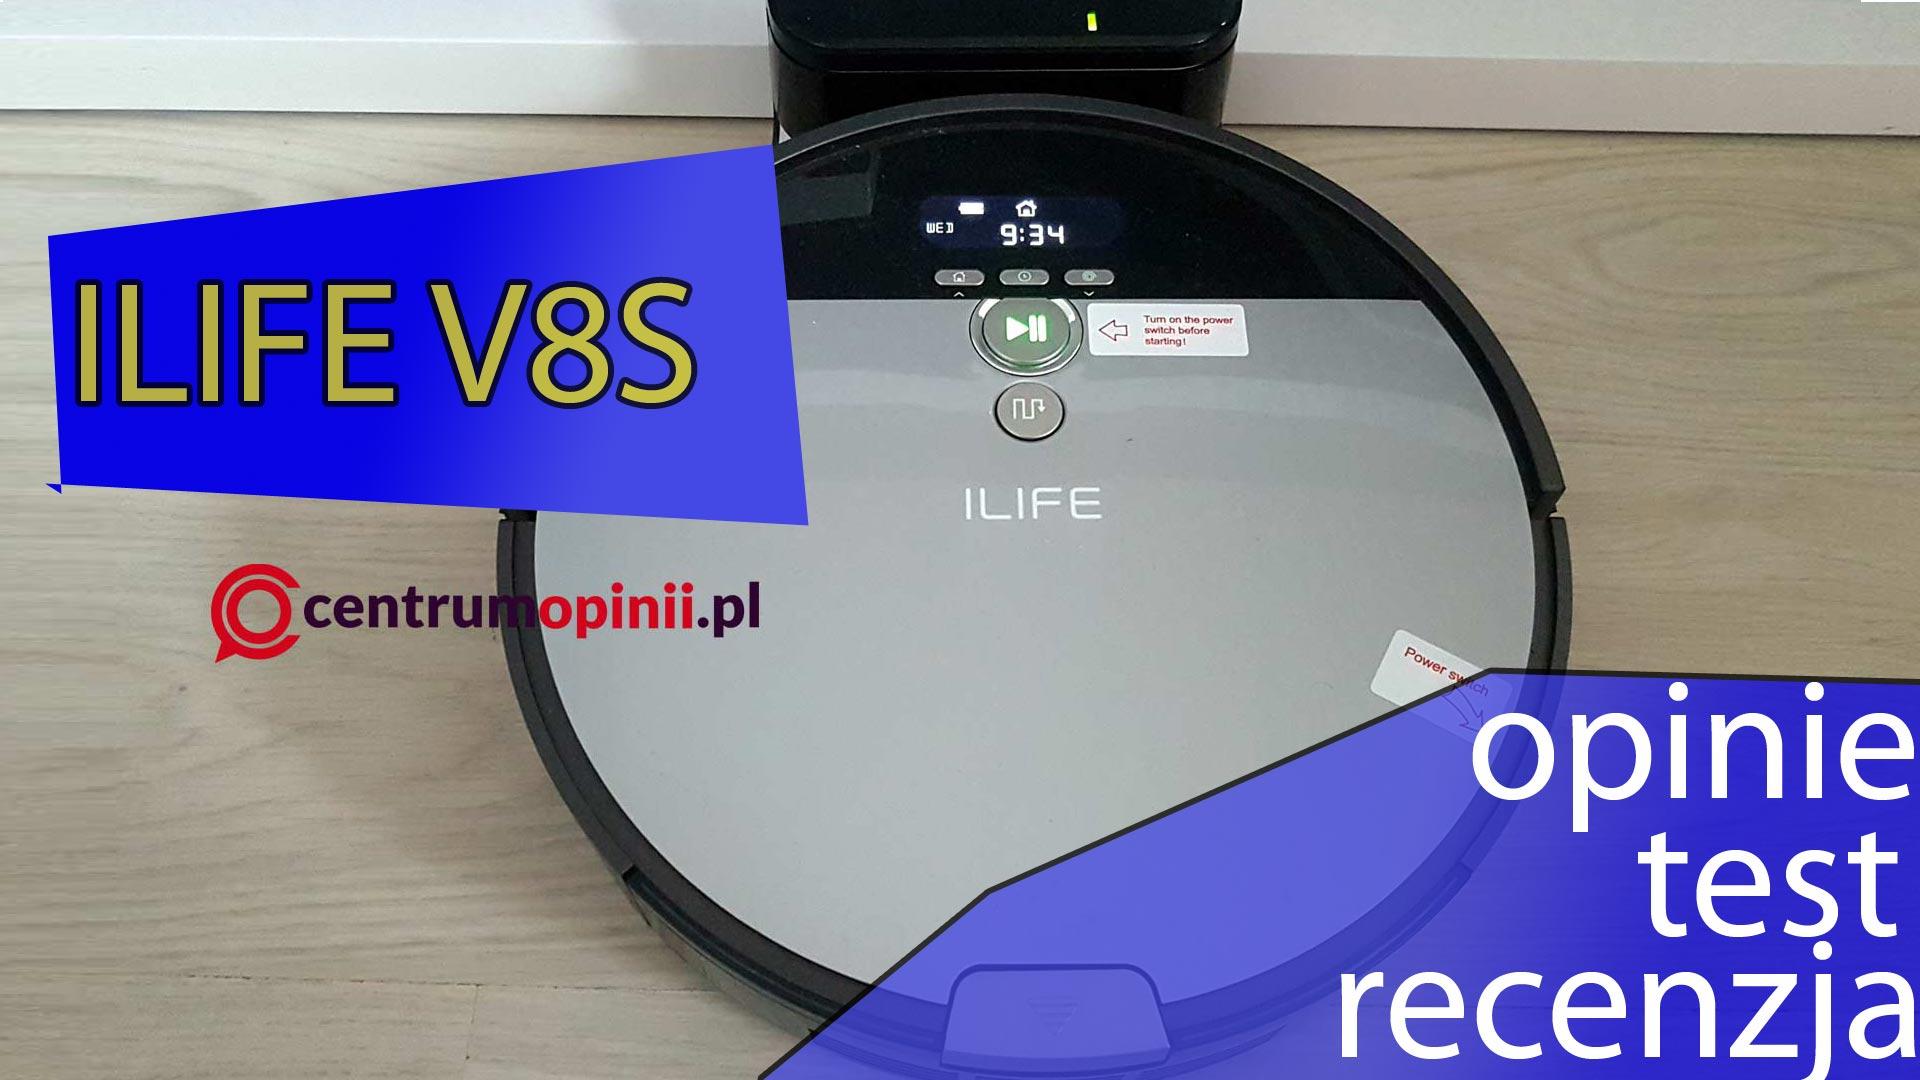 Ilife V8s opinie test i recenzja automatycznego robota sprzątającego